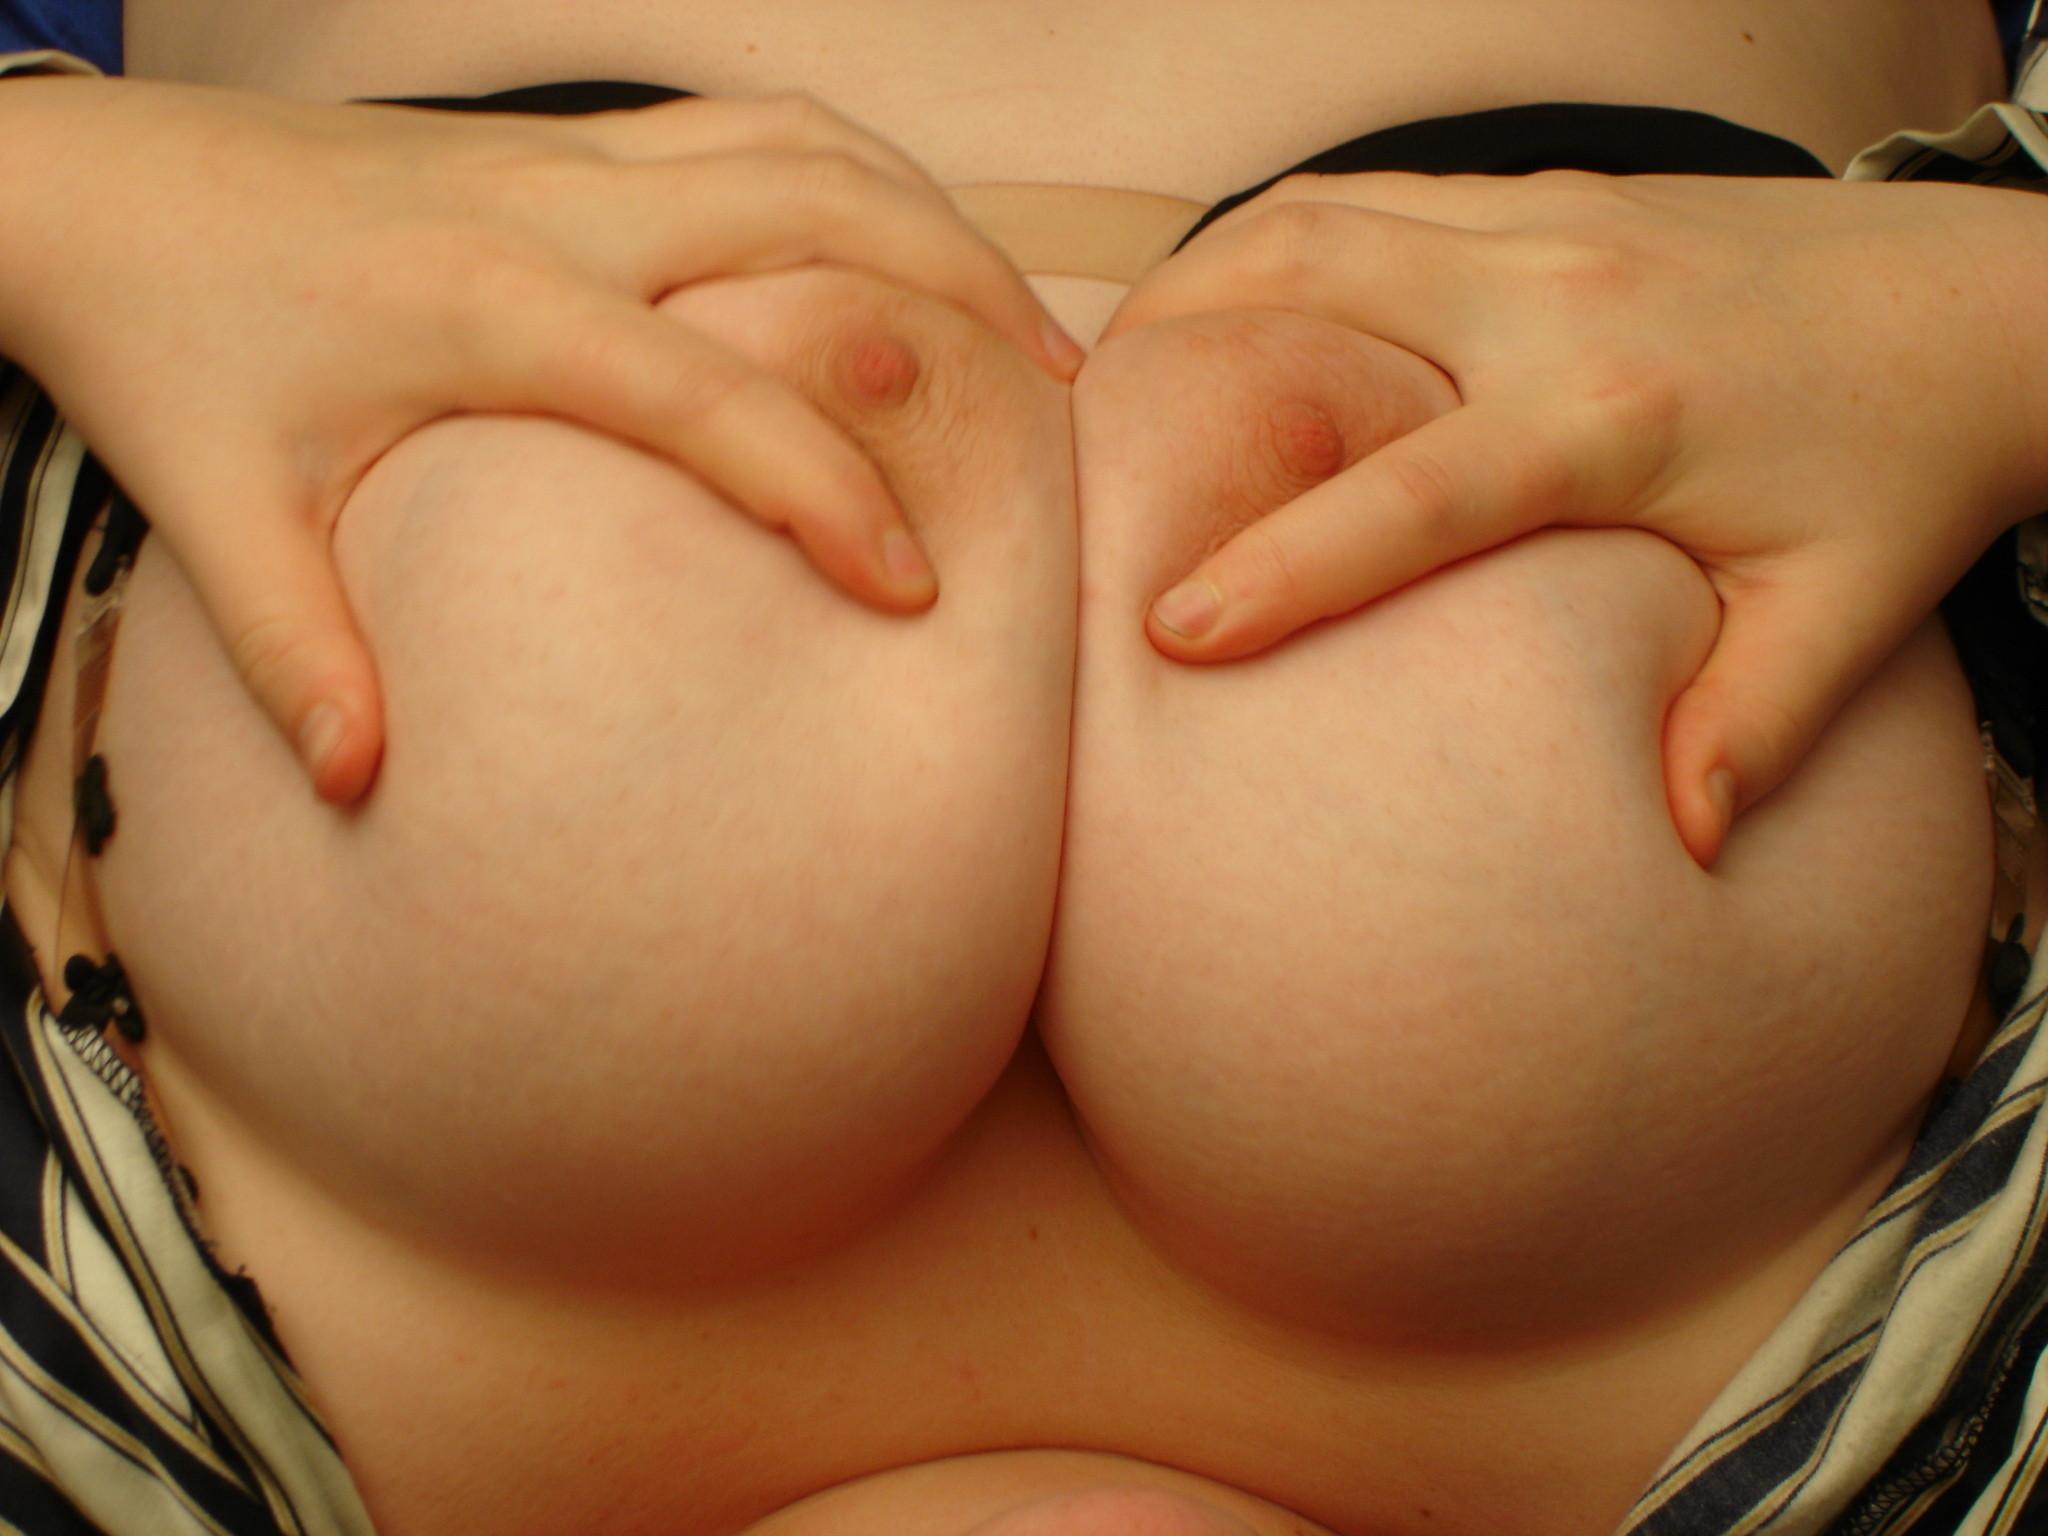 【巨乳エロ画像】やはり大きくても形が大事w抜けるおっぱいの条件とは何ぞ(*゚∀゚)=3